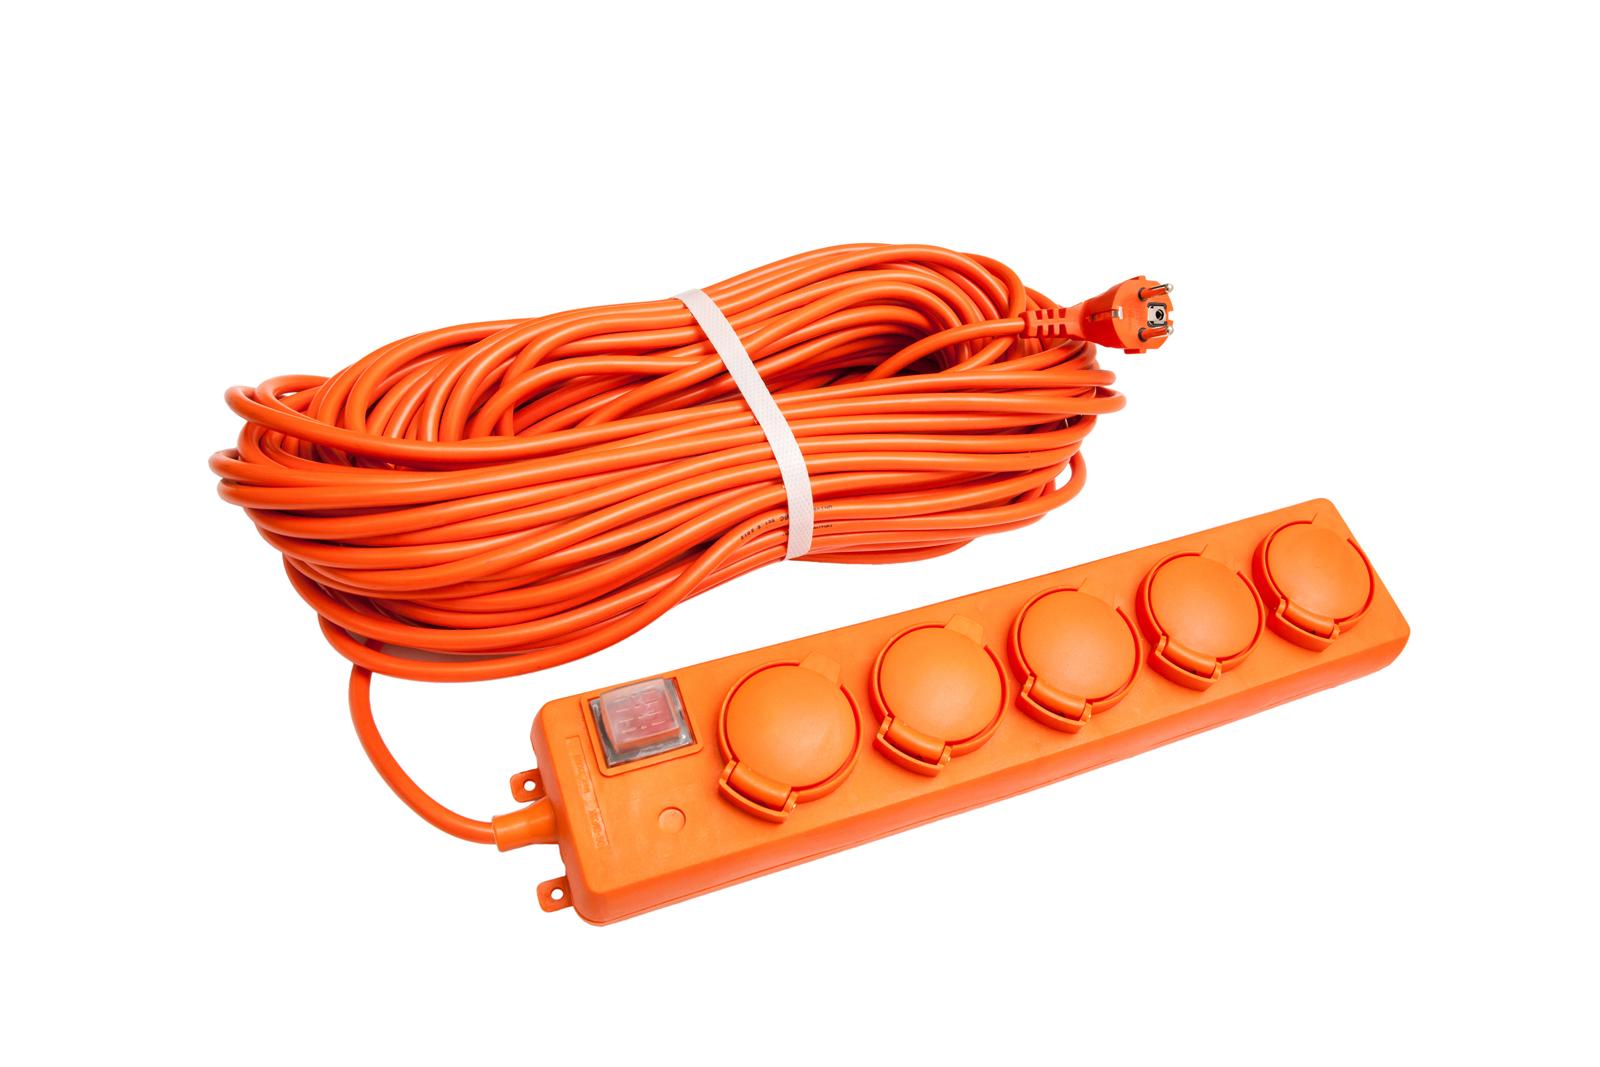 Удлинитель Universal У10-026 ip-44 ПВС 3*1,5 5гнезд 20м силовой удлинитель universal вем 250 термо пвс 2 0 75 20м 9634146